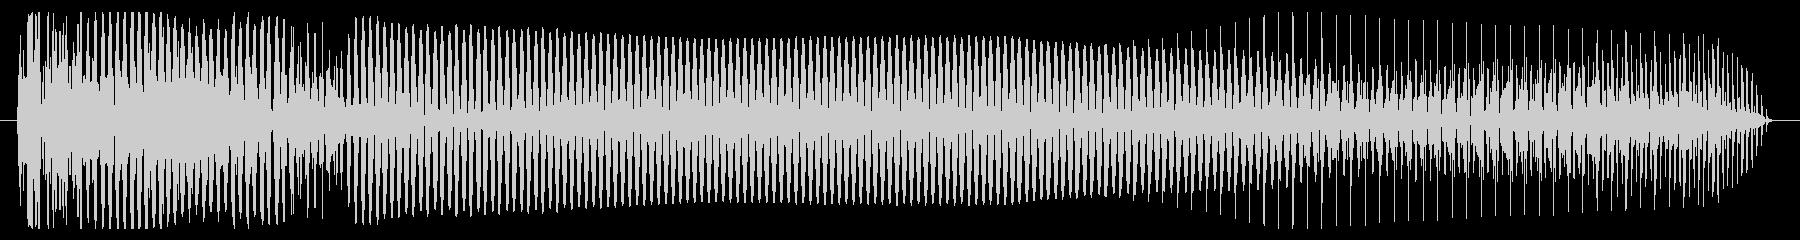 低シンセベースの音のヒットの未再生の波形